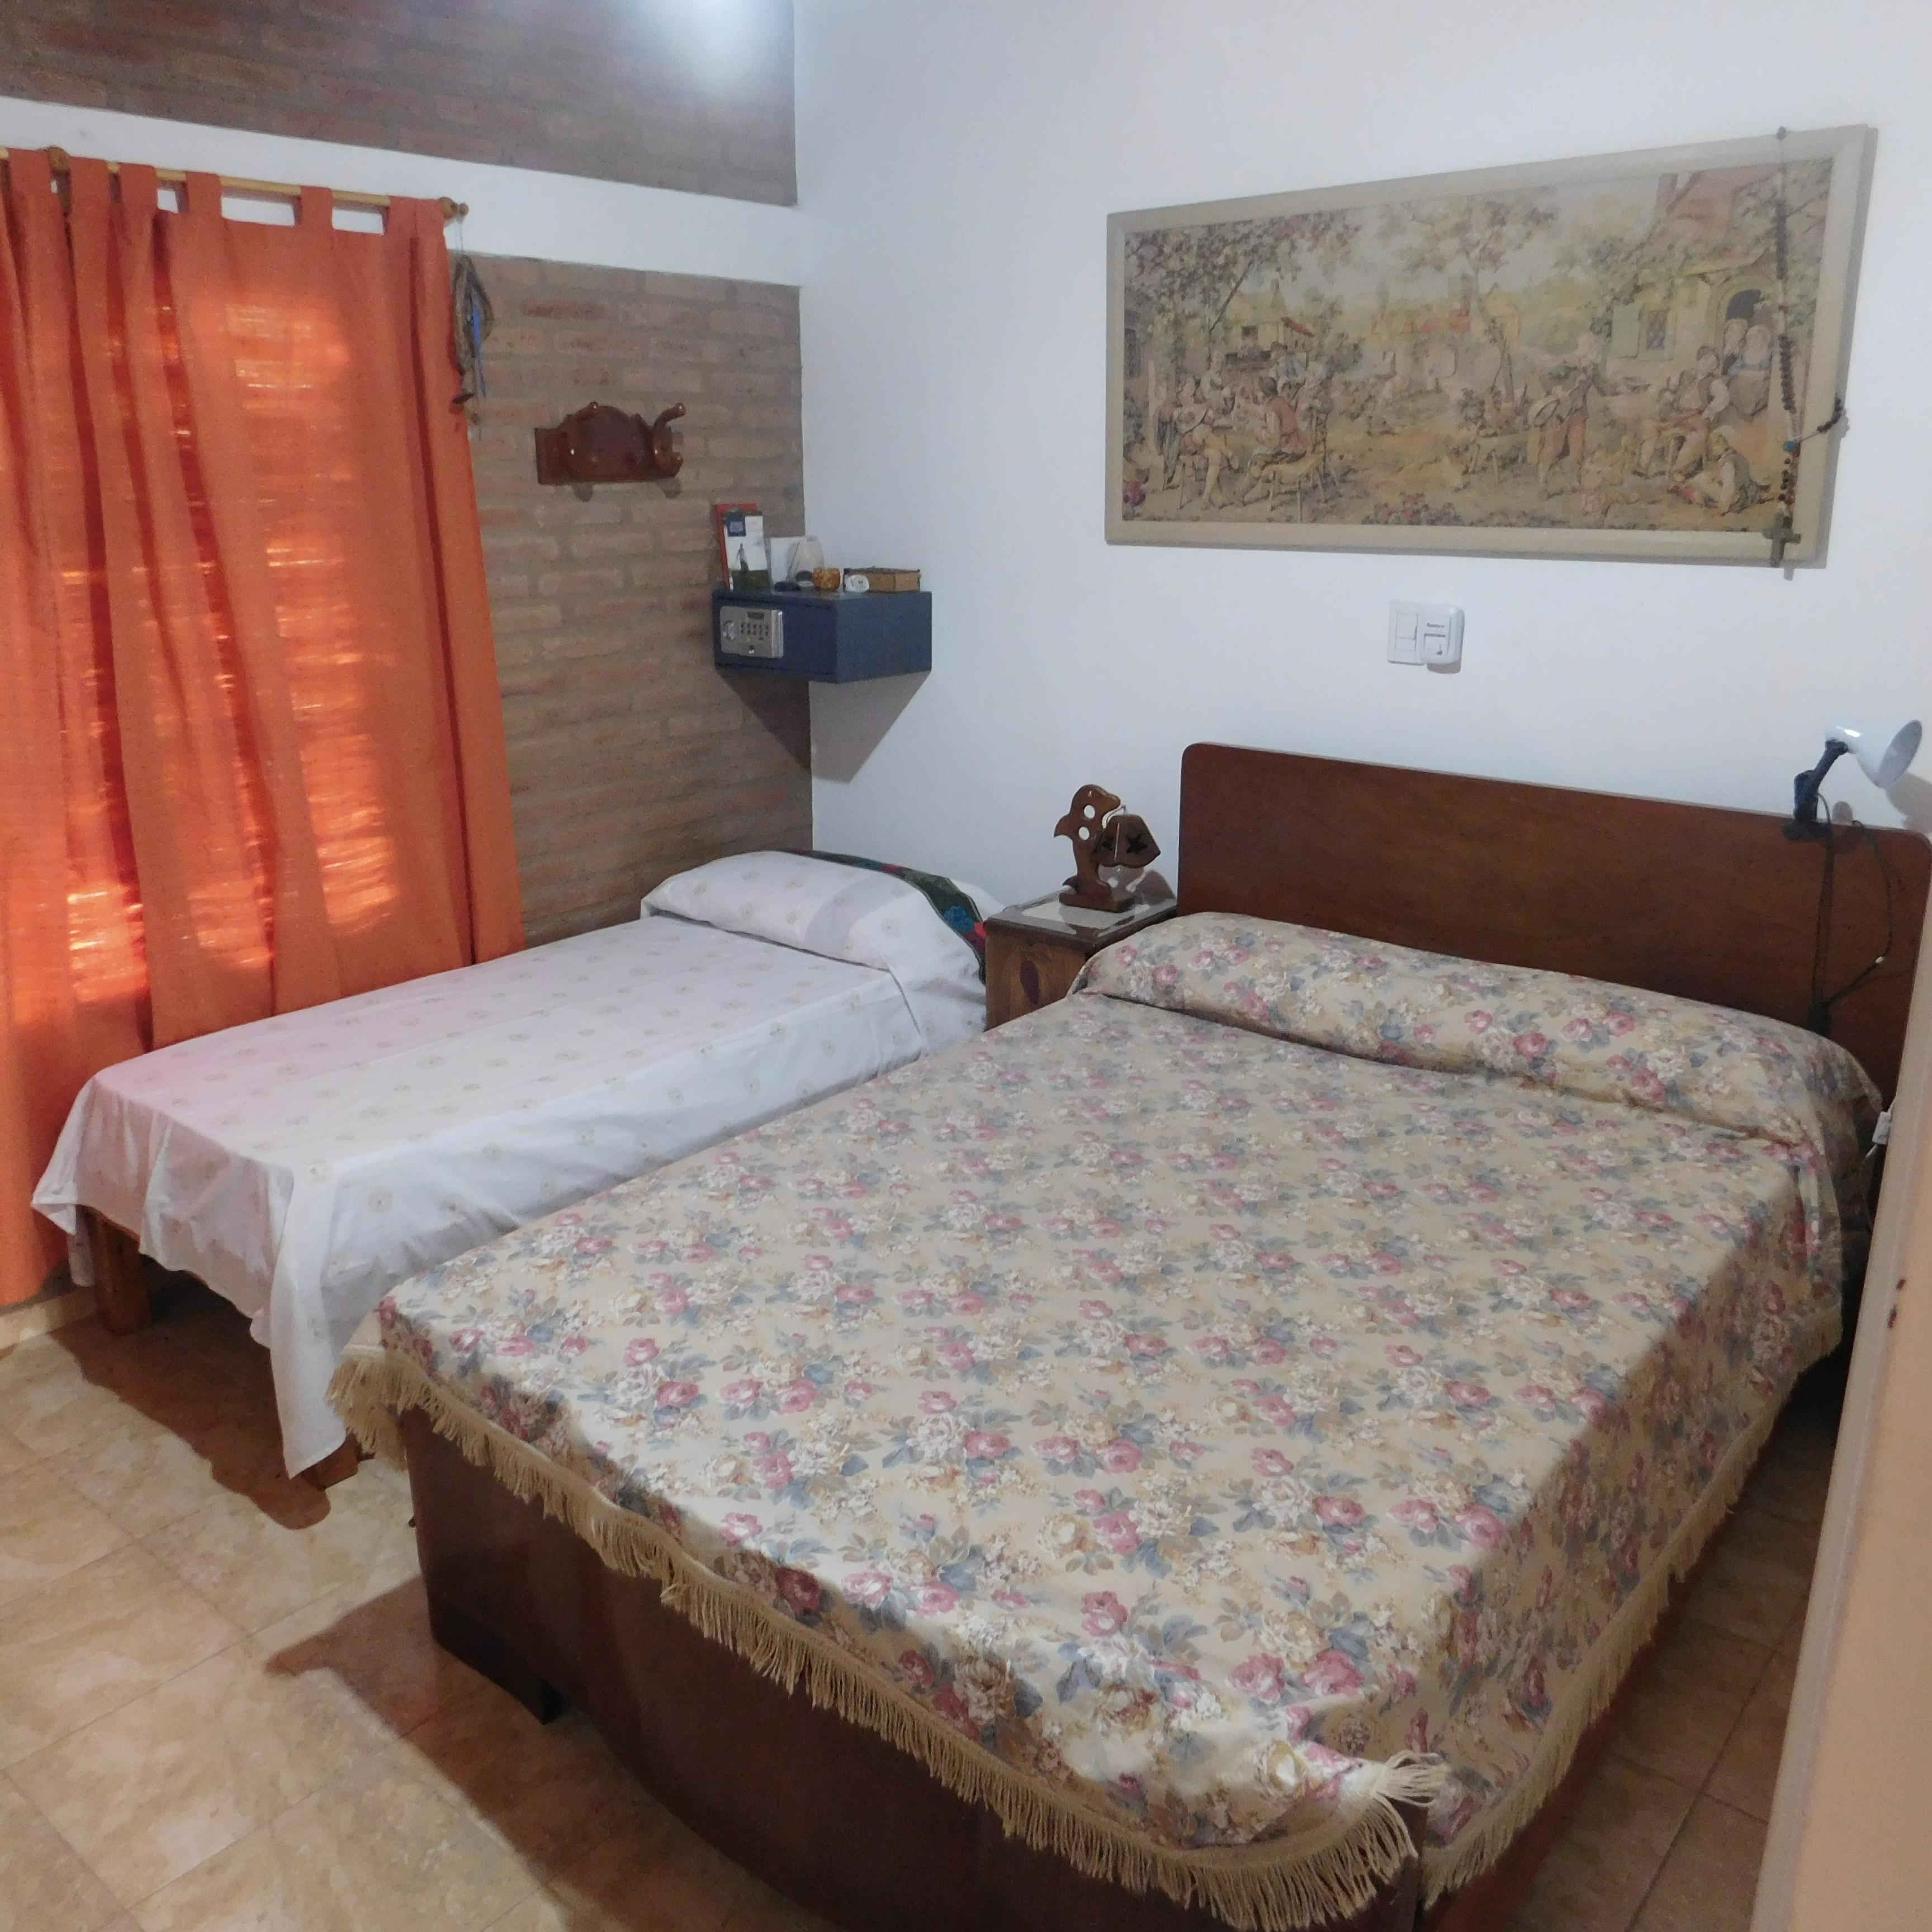 Dormitorio con cama adicionalal